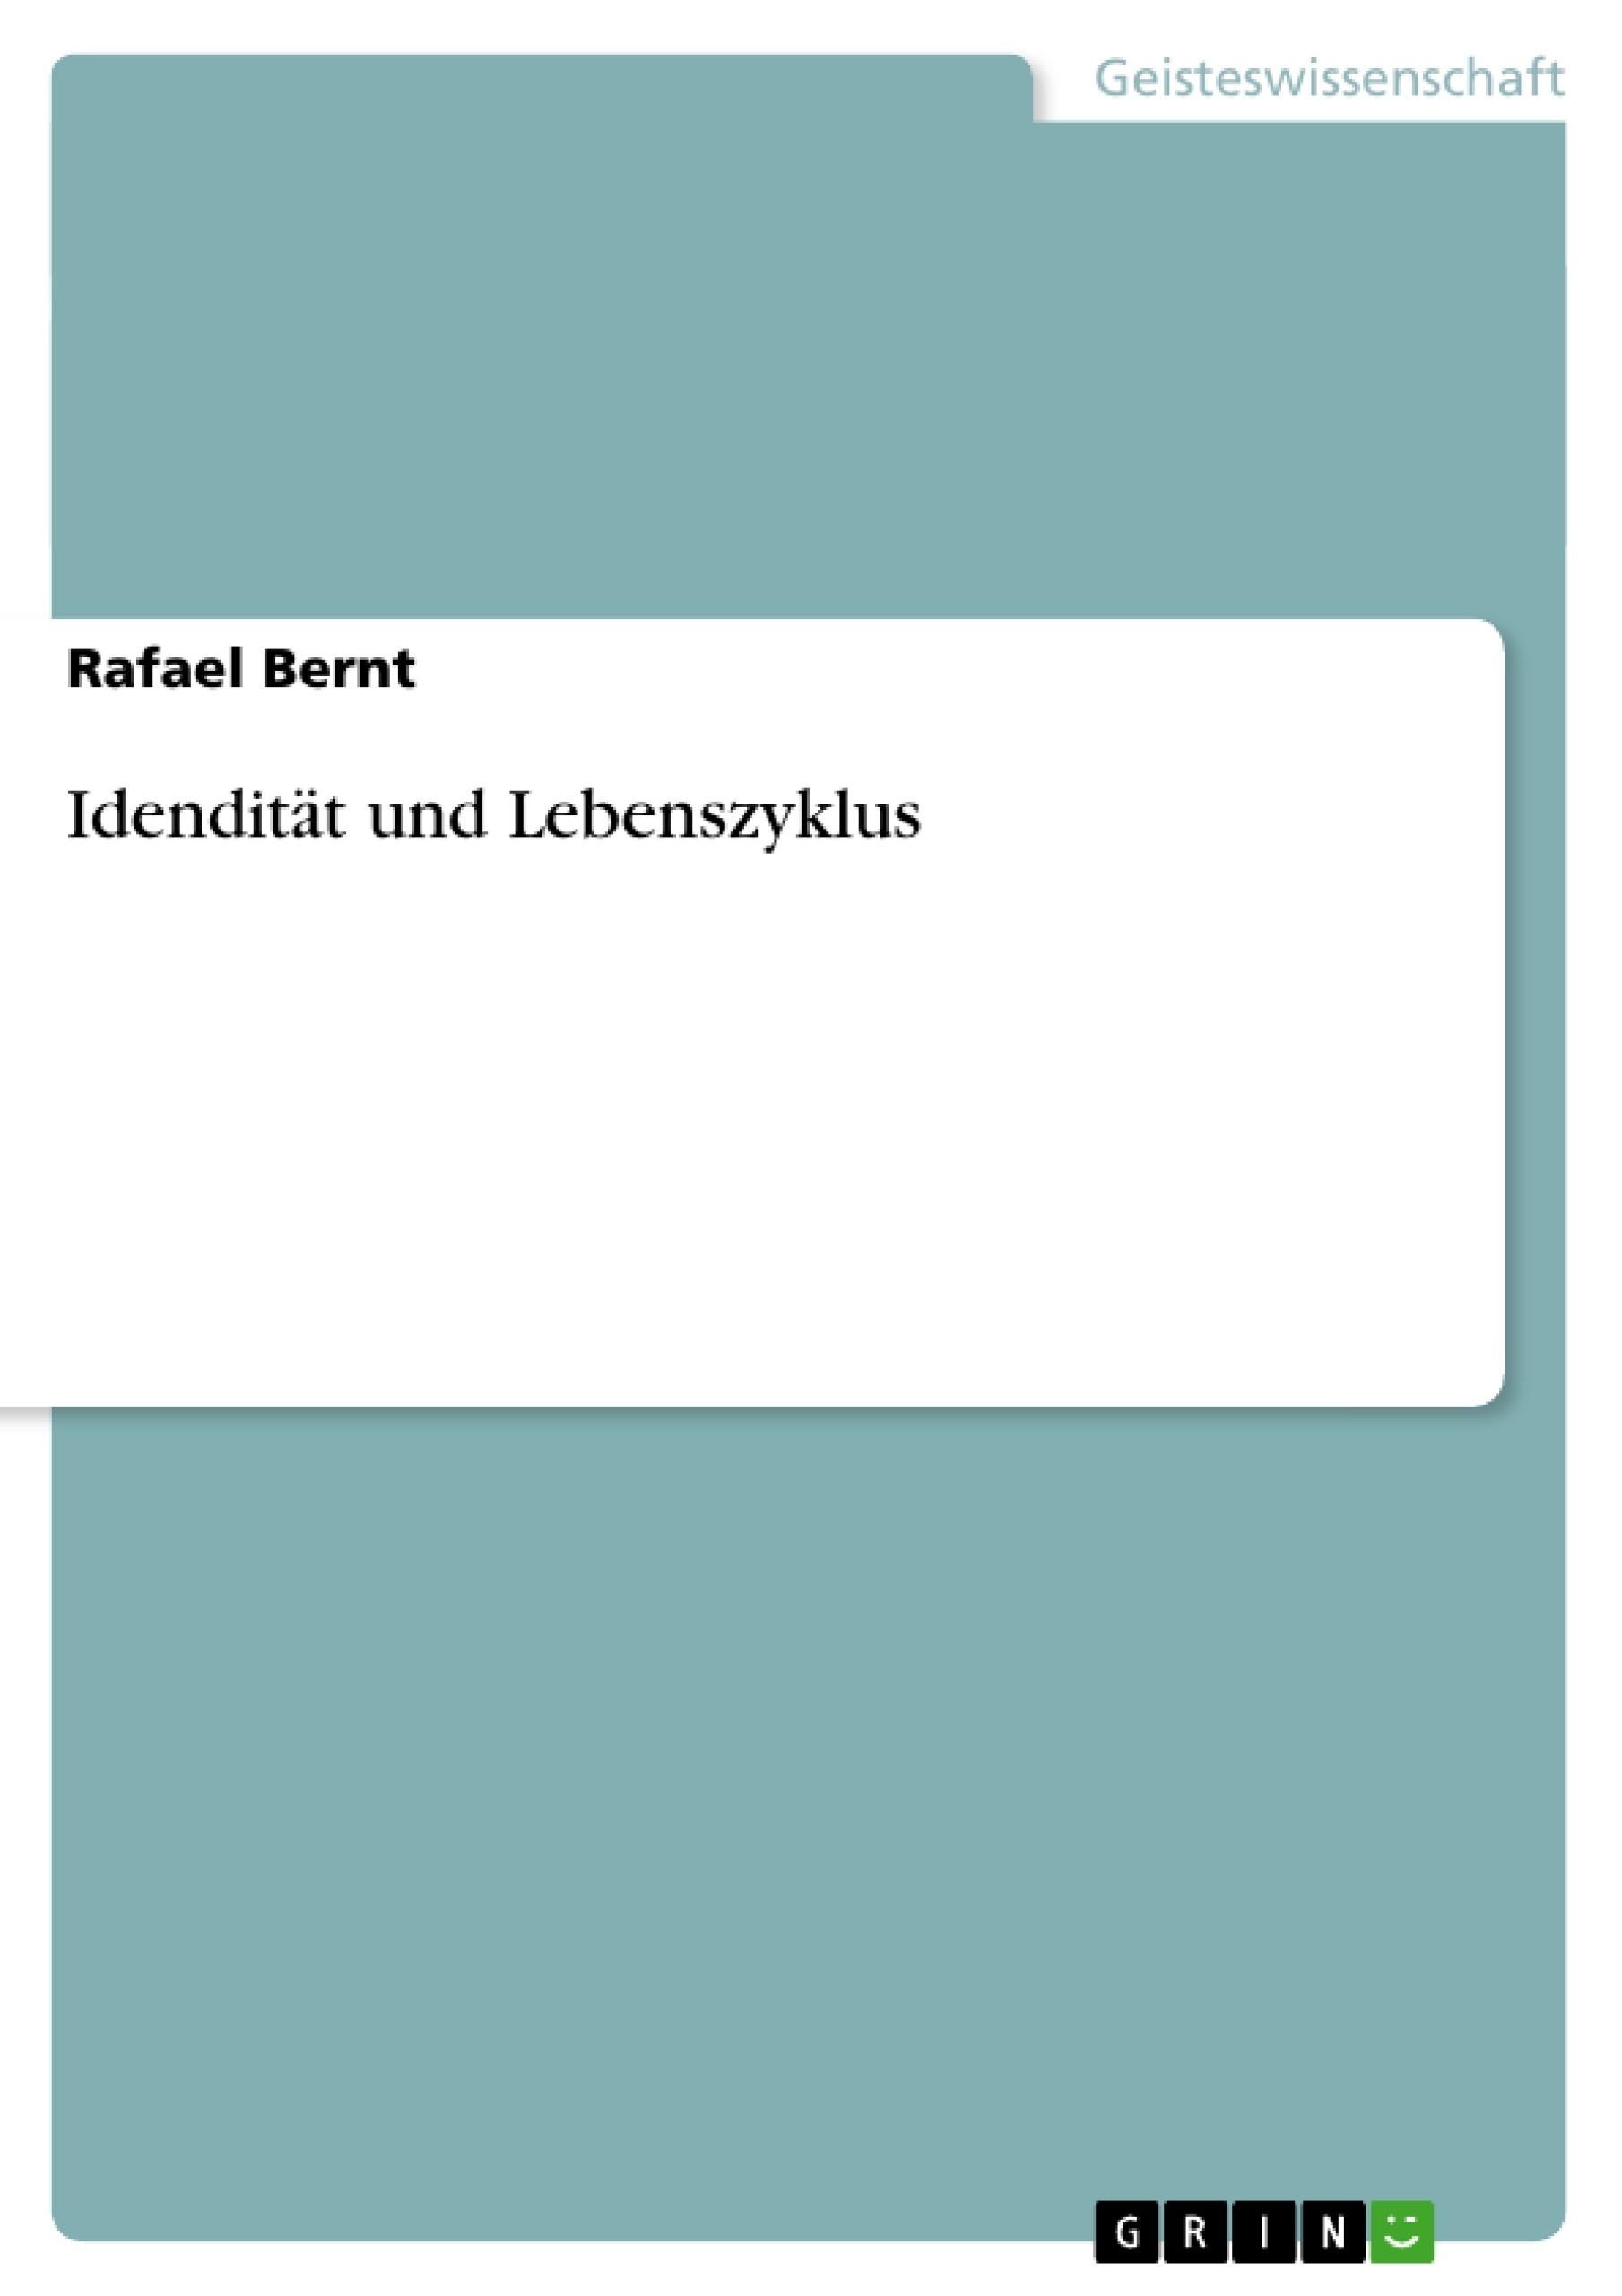 ebook Microbiology in